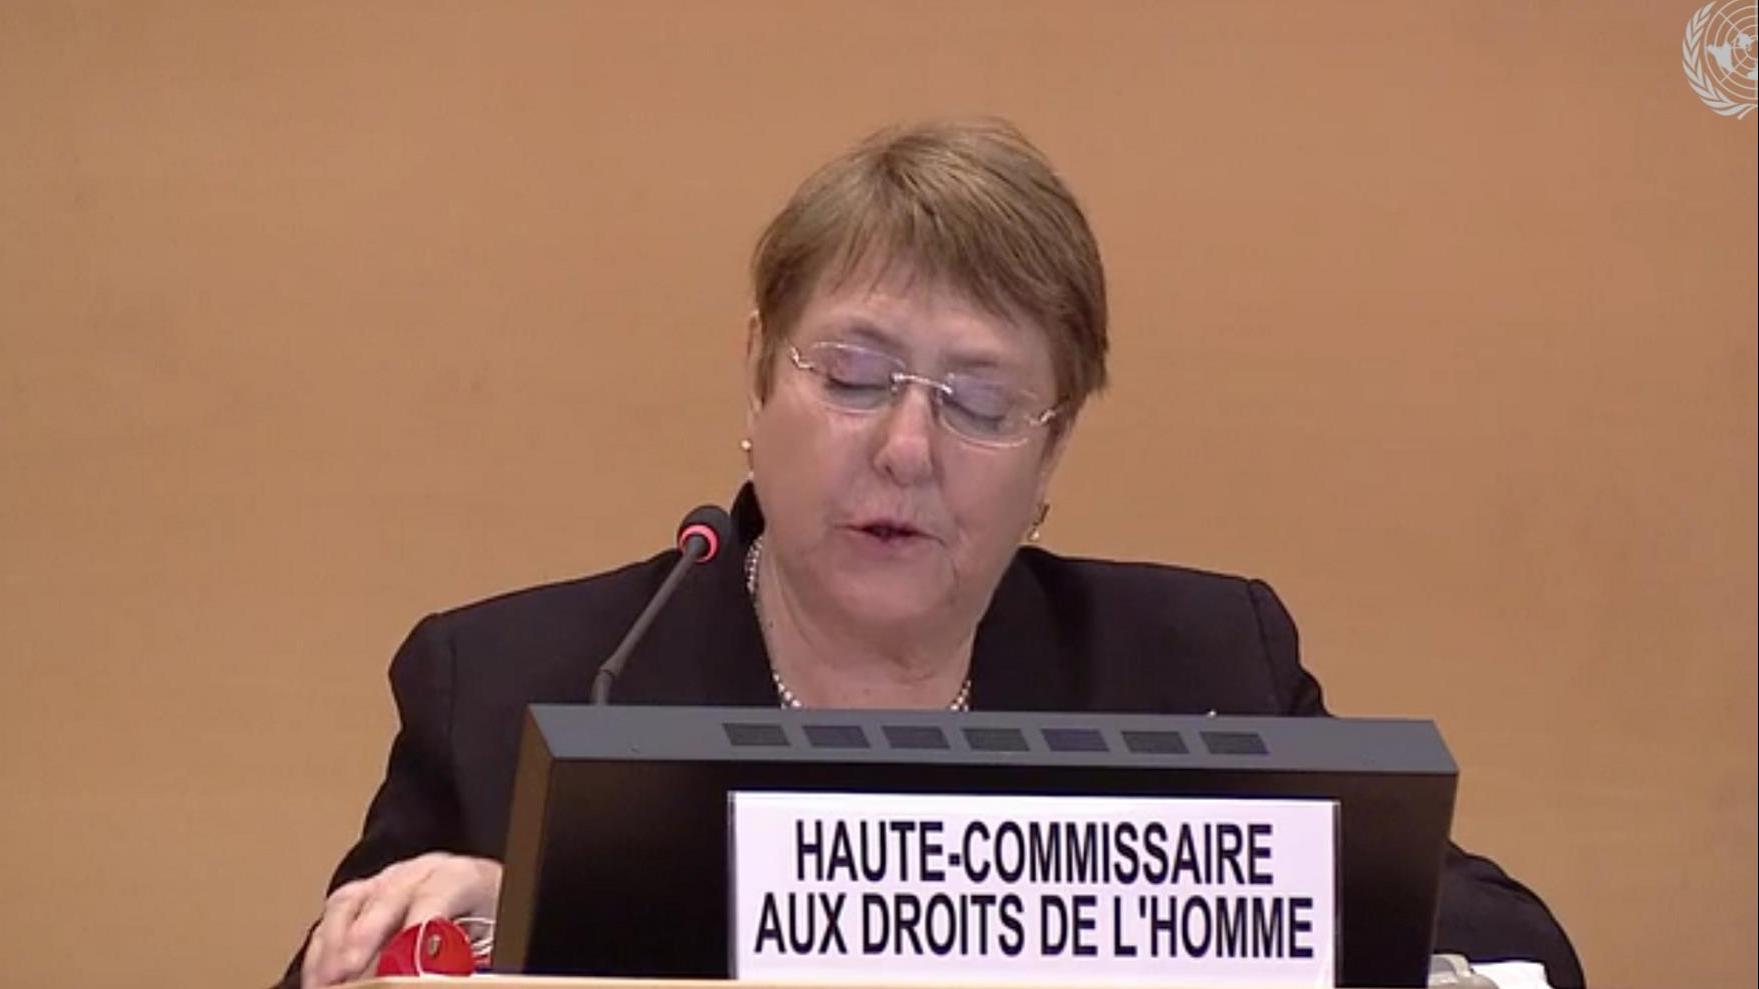 联合国人权高级专员:奴隶贸易和殖民主义是造成种族主义的深层次